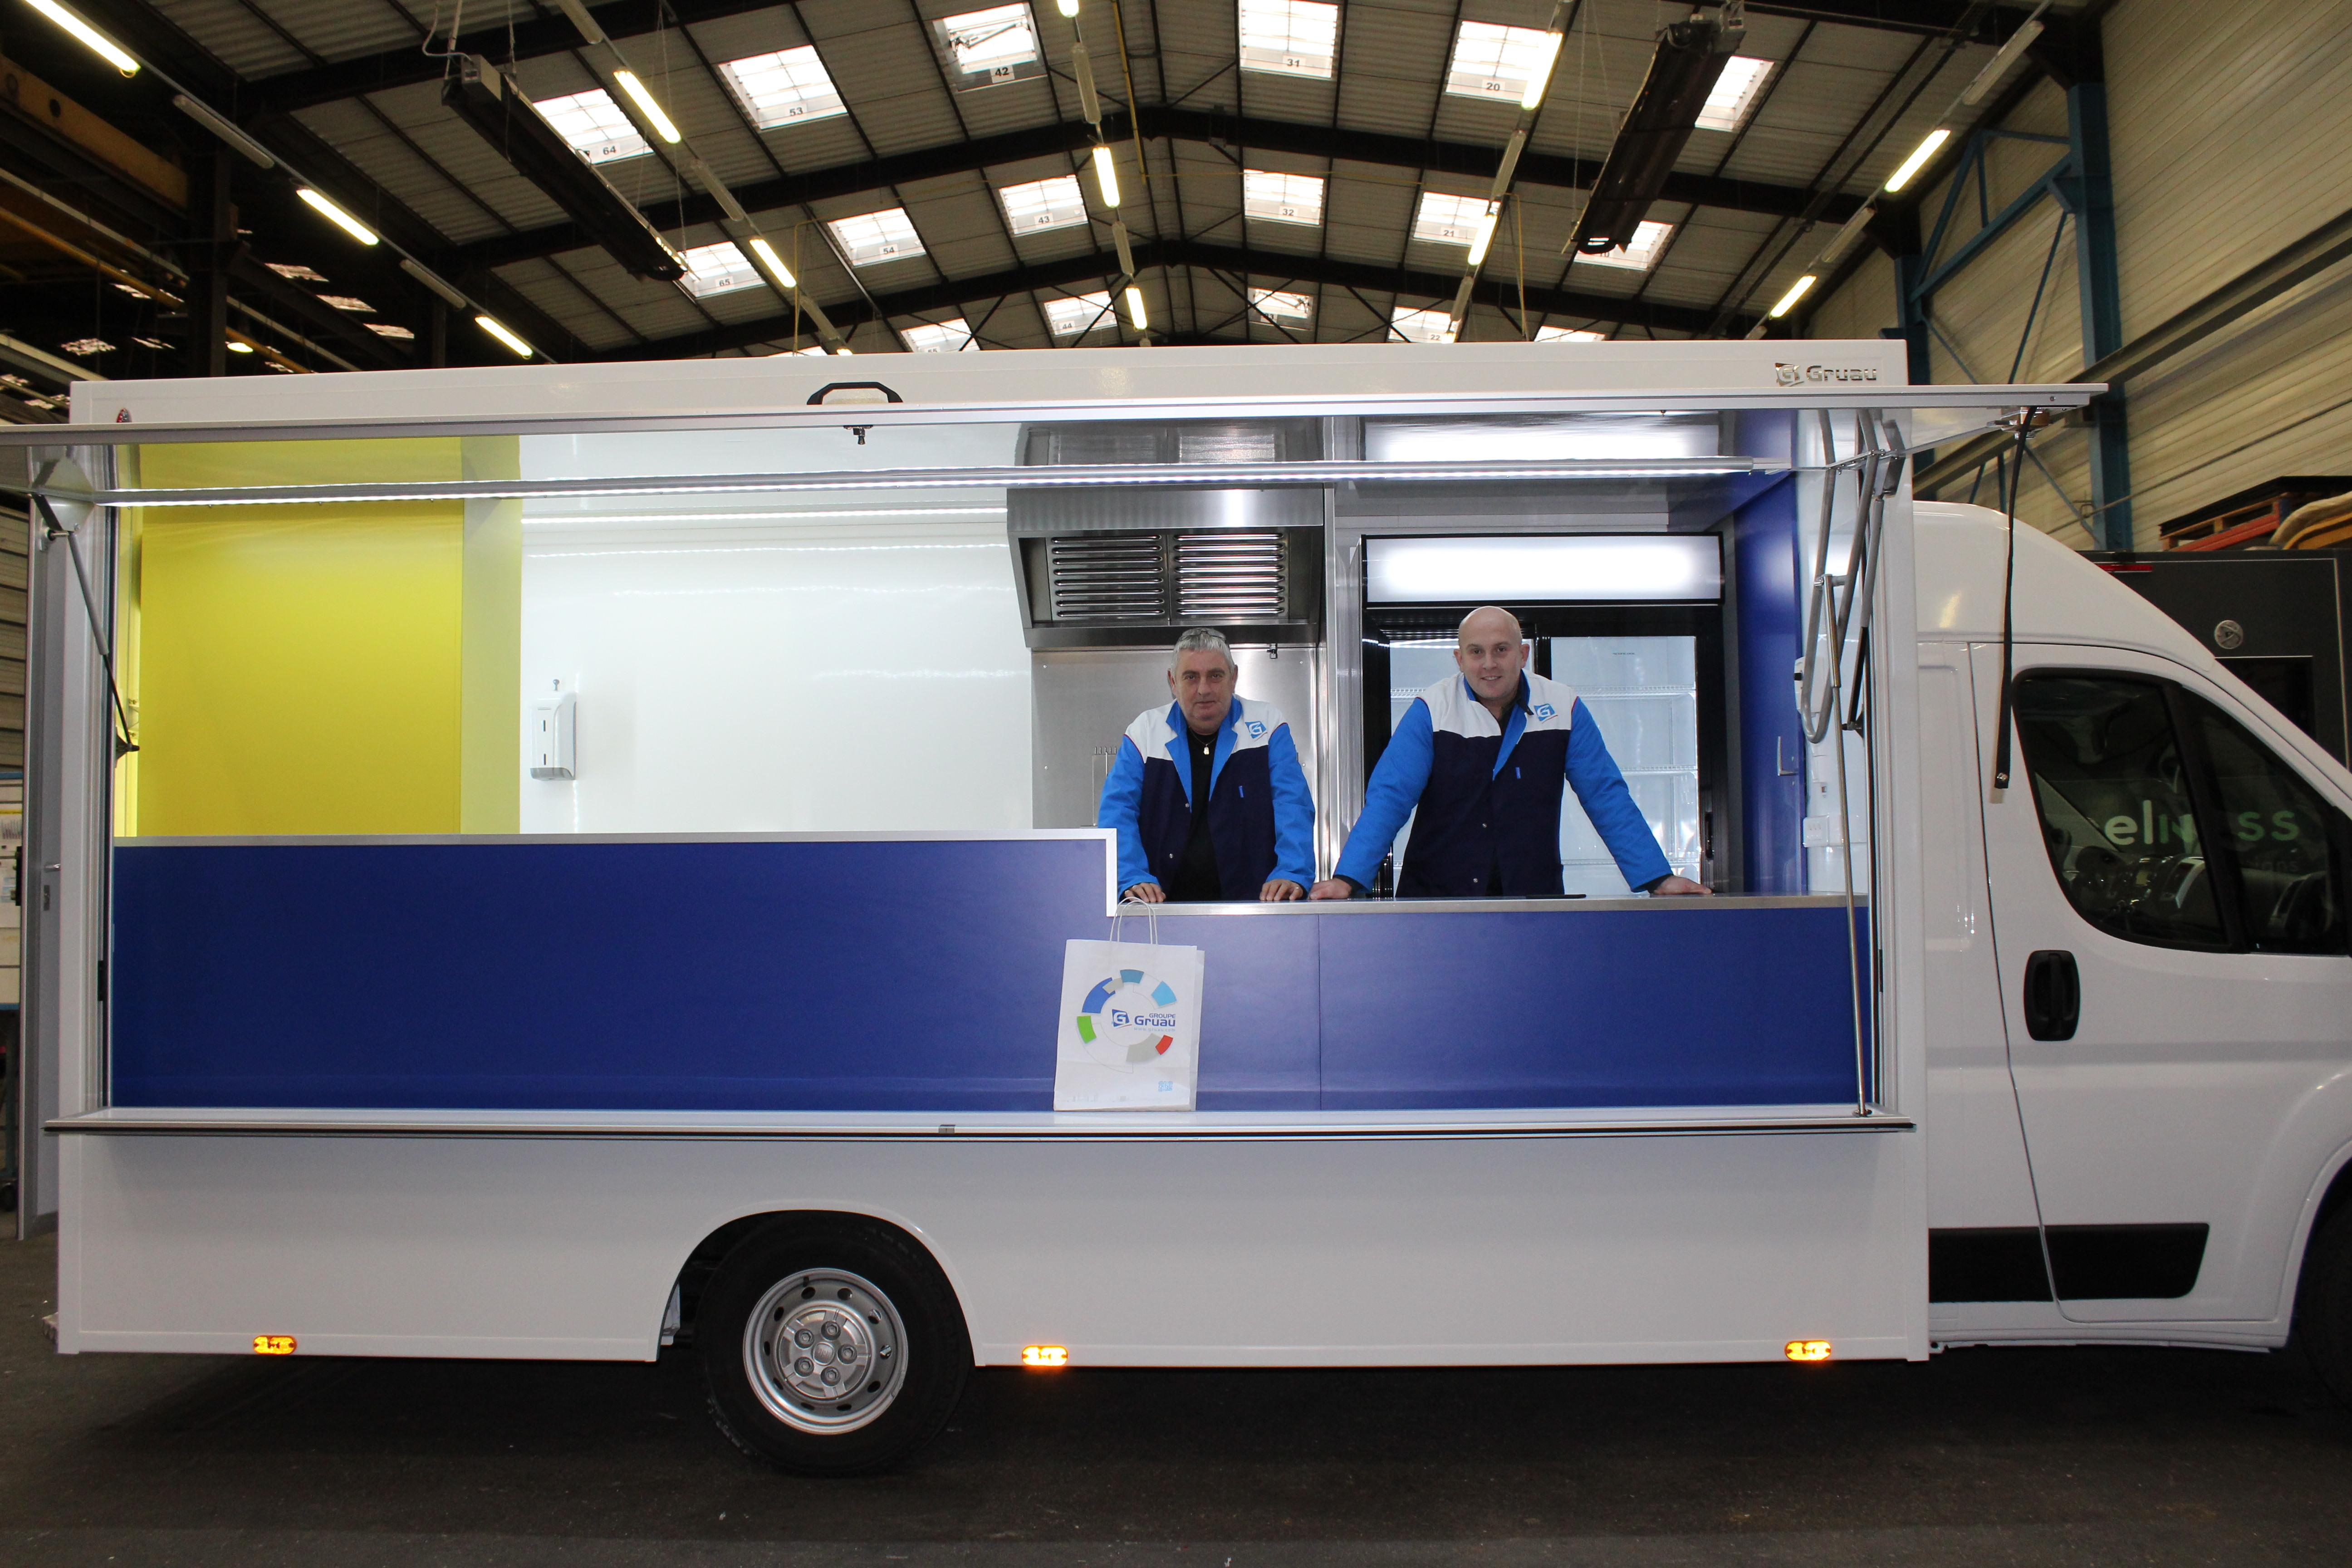 Livraison Food truck Crêperie – Octobre 2019